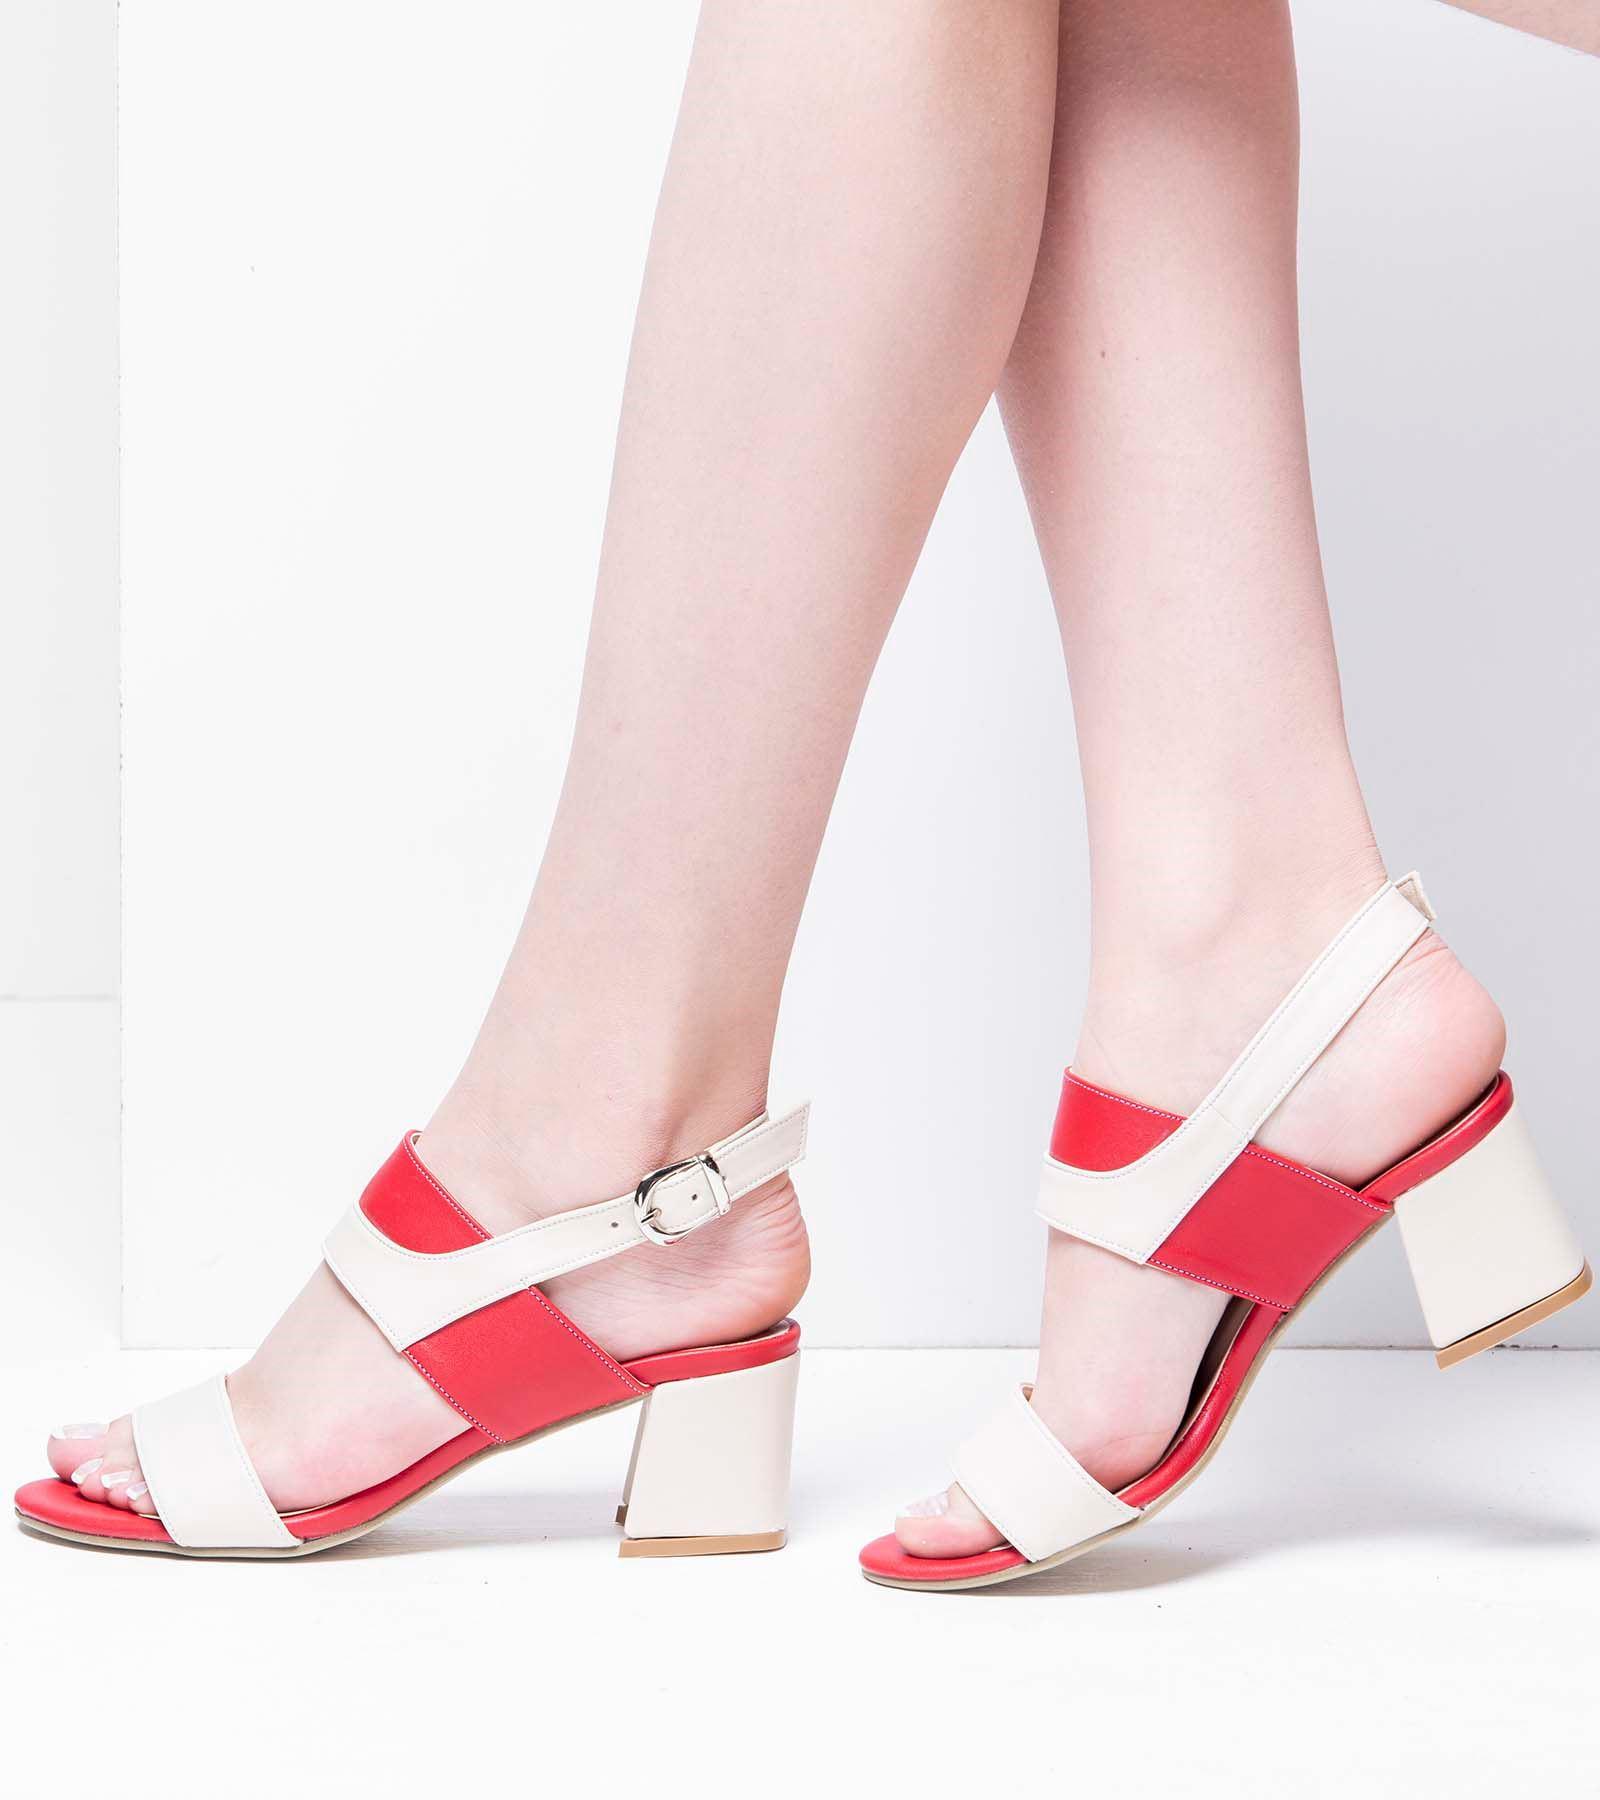 Perla Topluklu Cilt Ayakkabı Kırmızı Ten